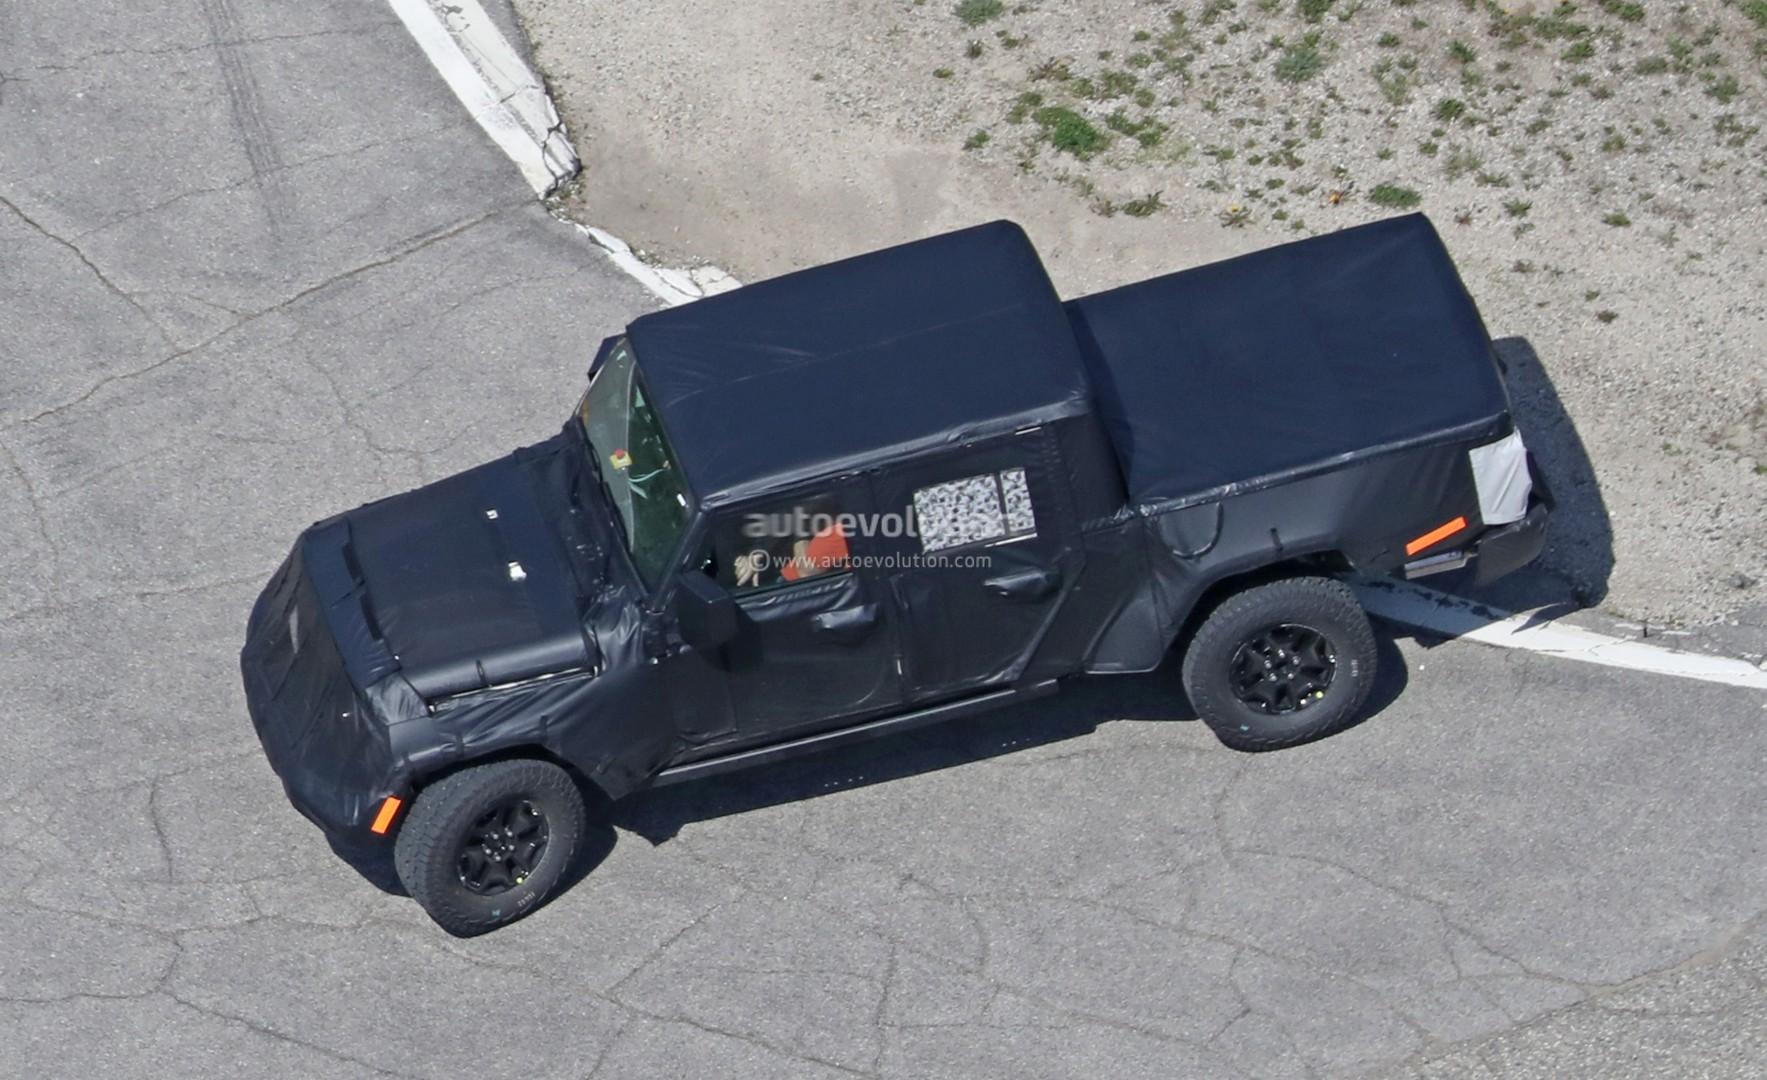 2019 Jeep Scrambler Jt Pickup Truck To Get V6 Diesel